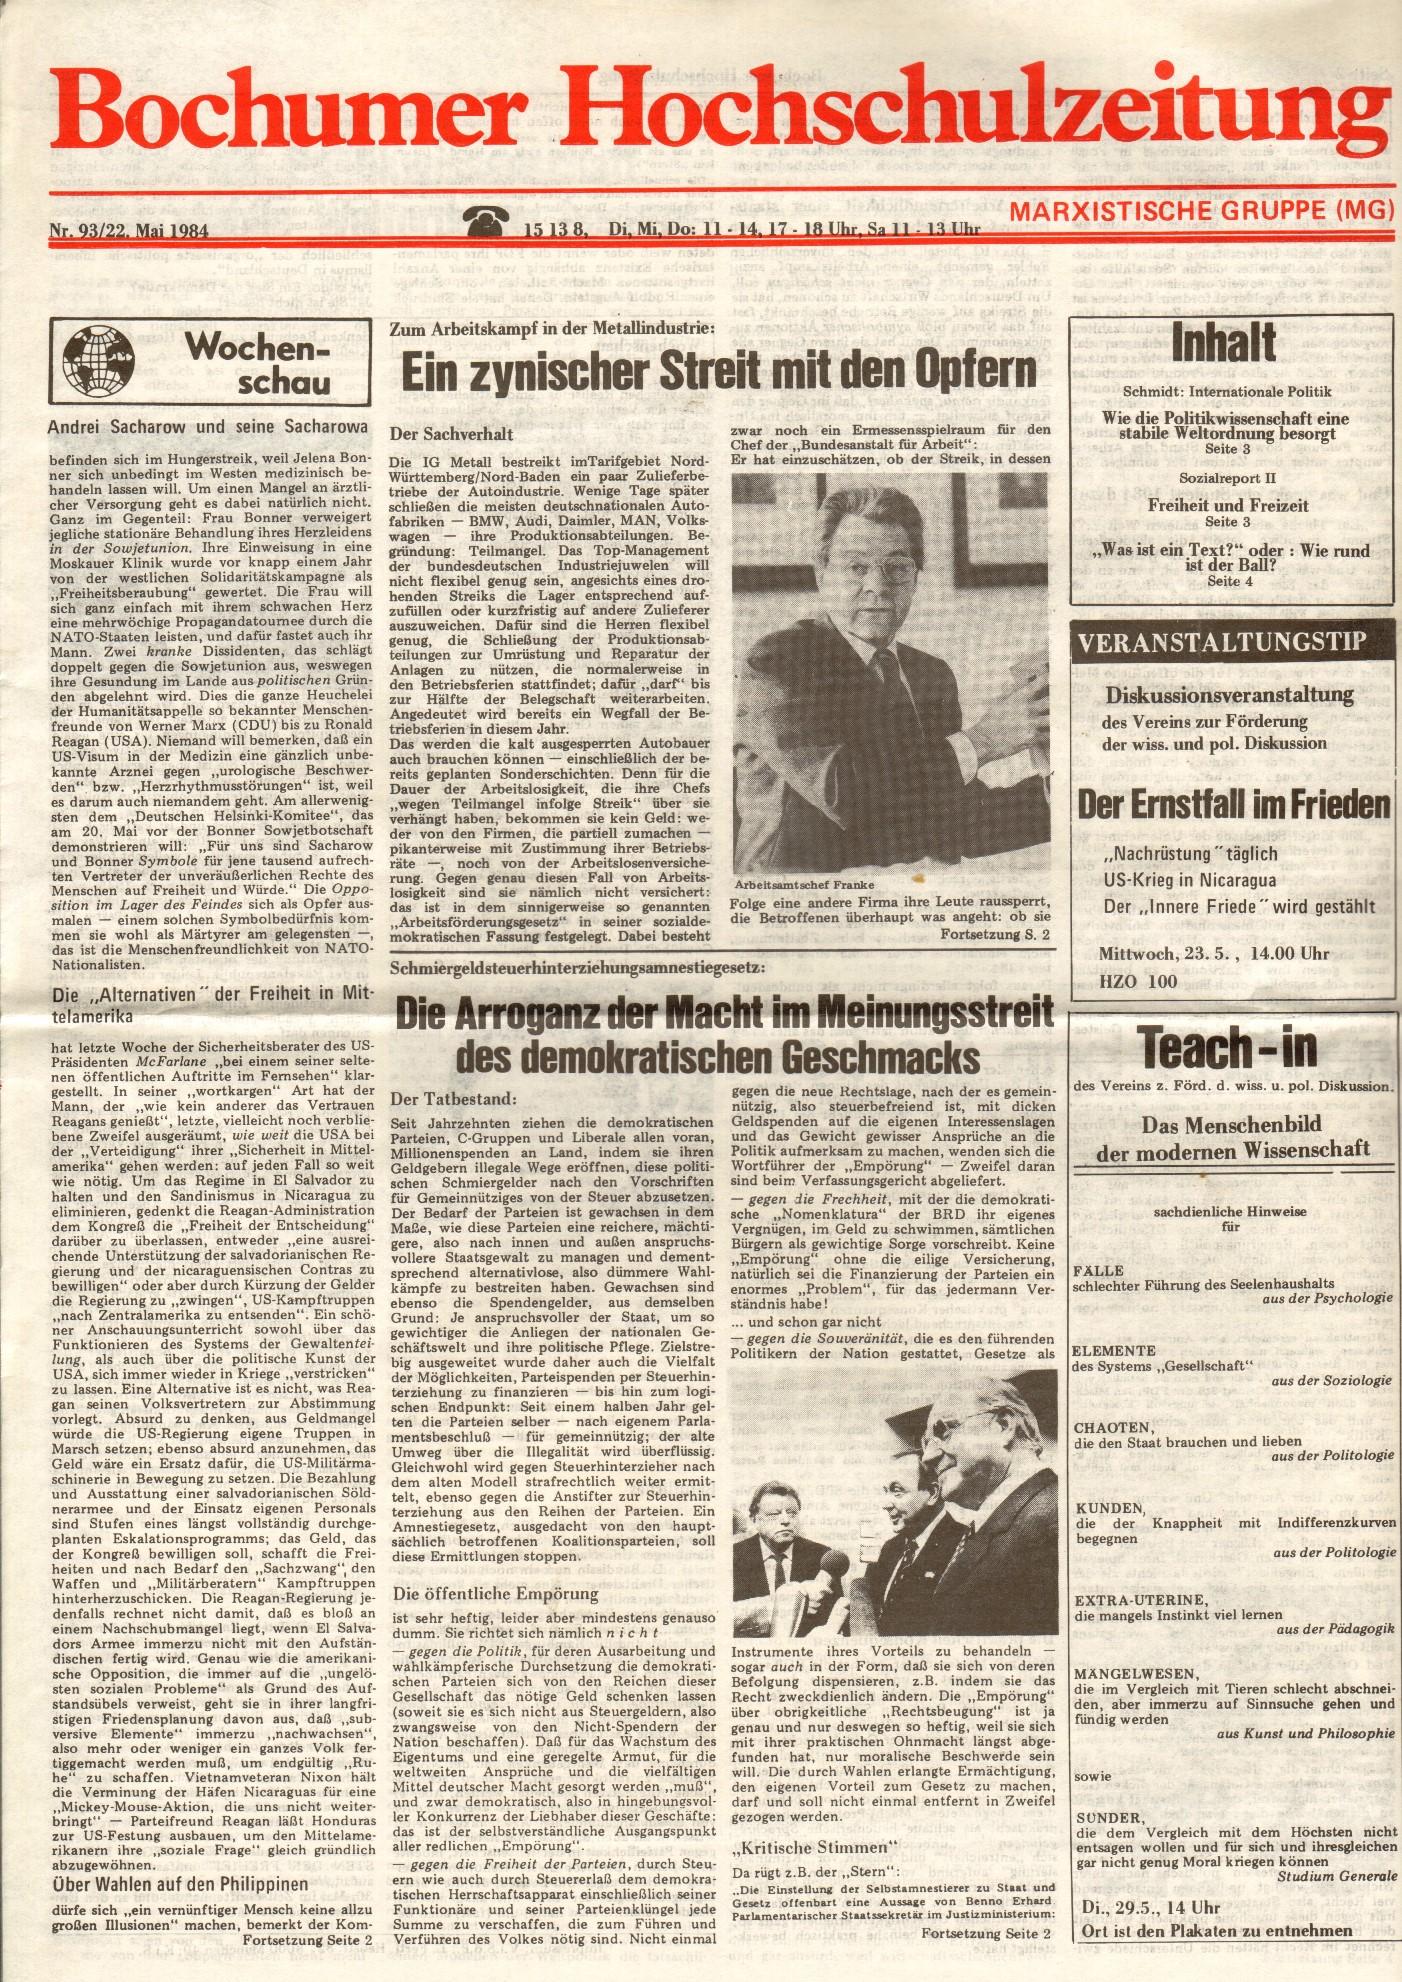 MG_Bochumer_Hochschulzeitung_19840522_01